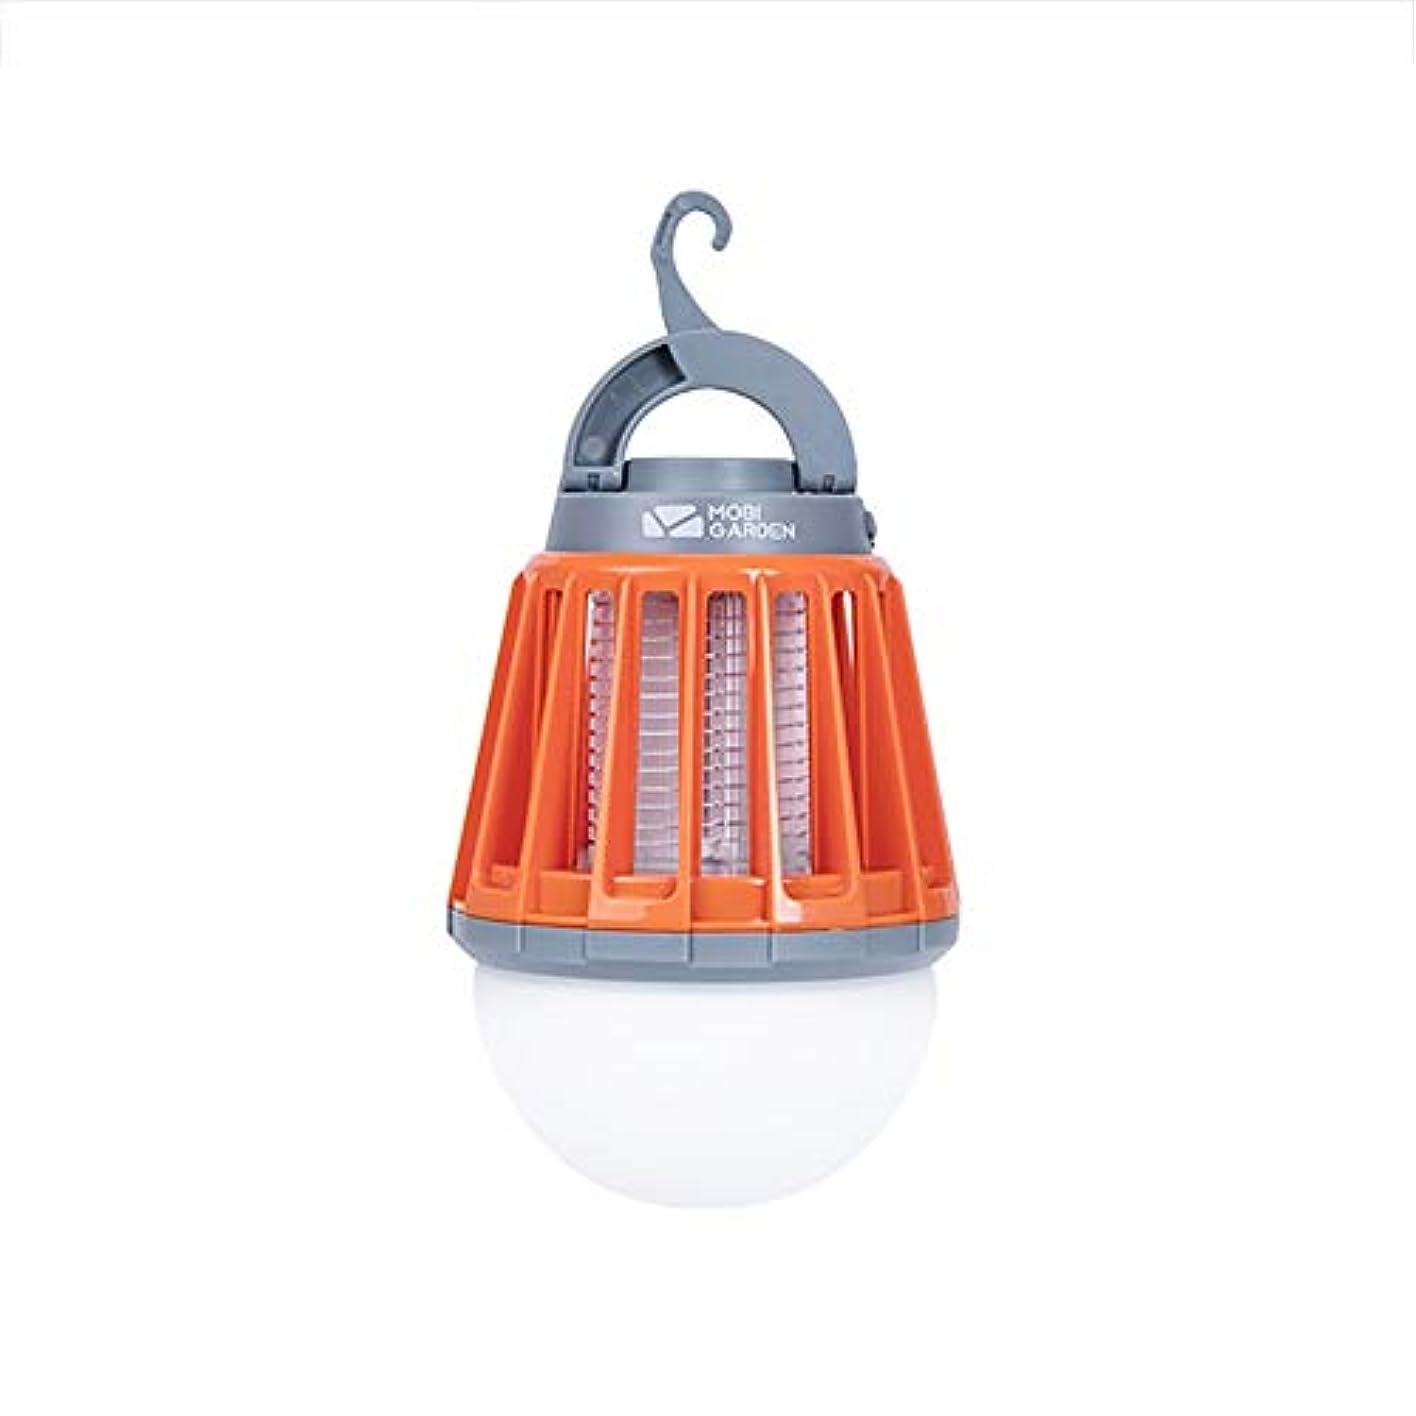 中性縁石オープナーLEDランタン屋外テントライト撥水防水キャンプ防水照明ホームUSB充電 (Color : Orange)